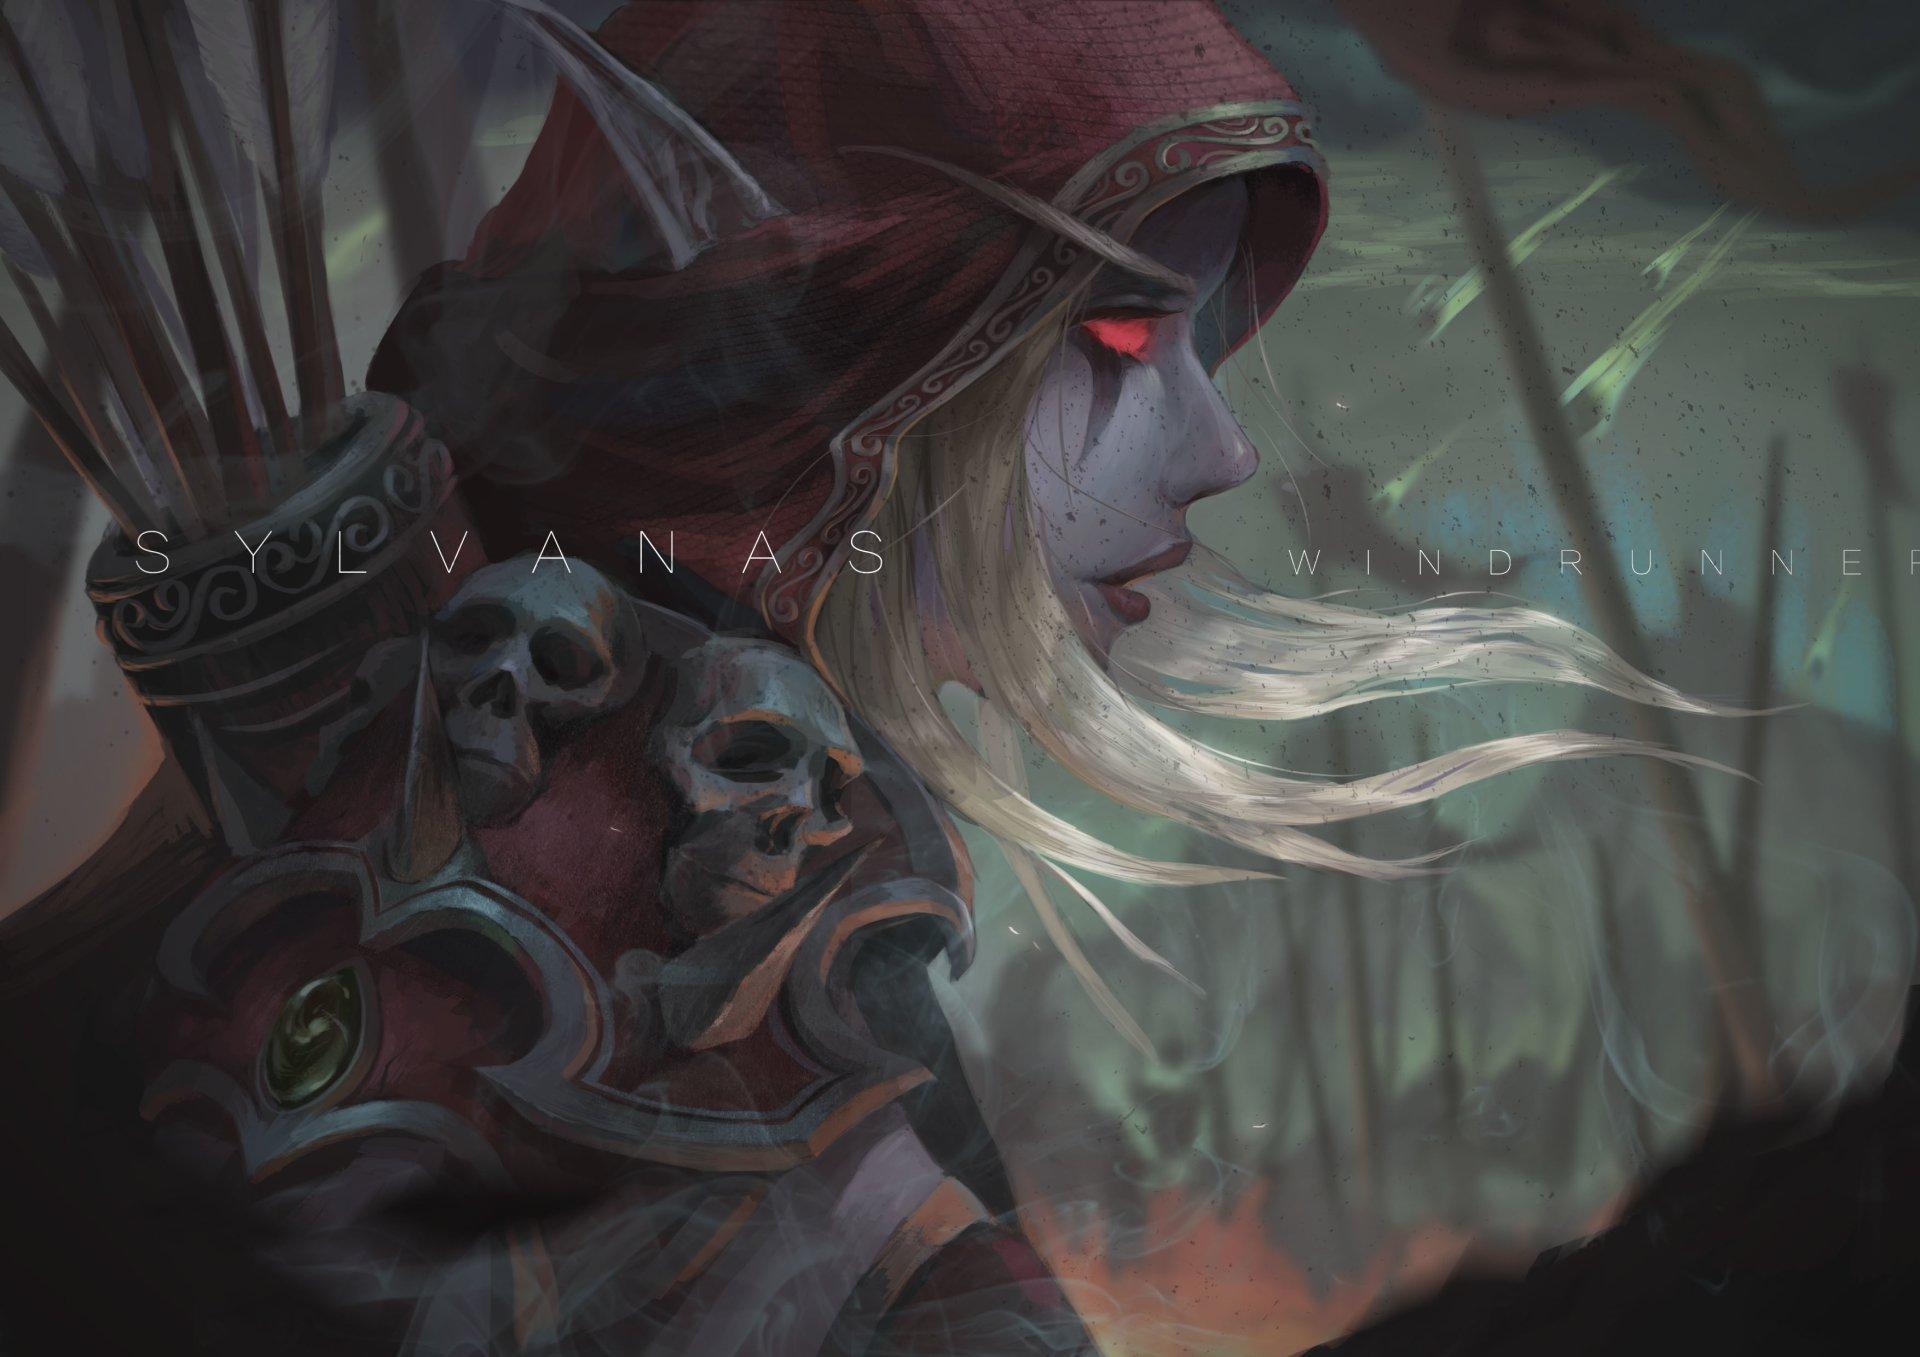 电子游戏 - 魔兽争霸  Sylvanas Windrunner 壁纸